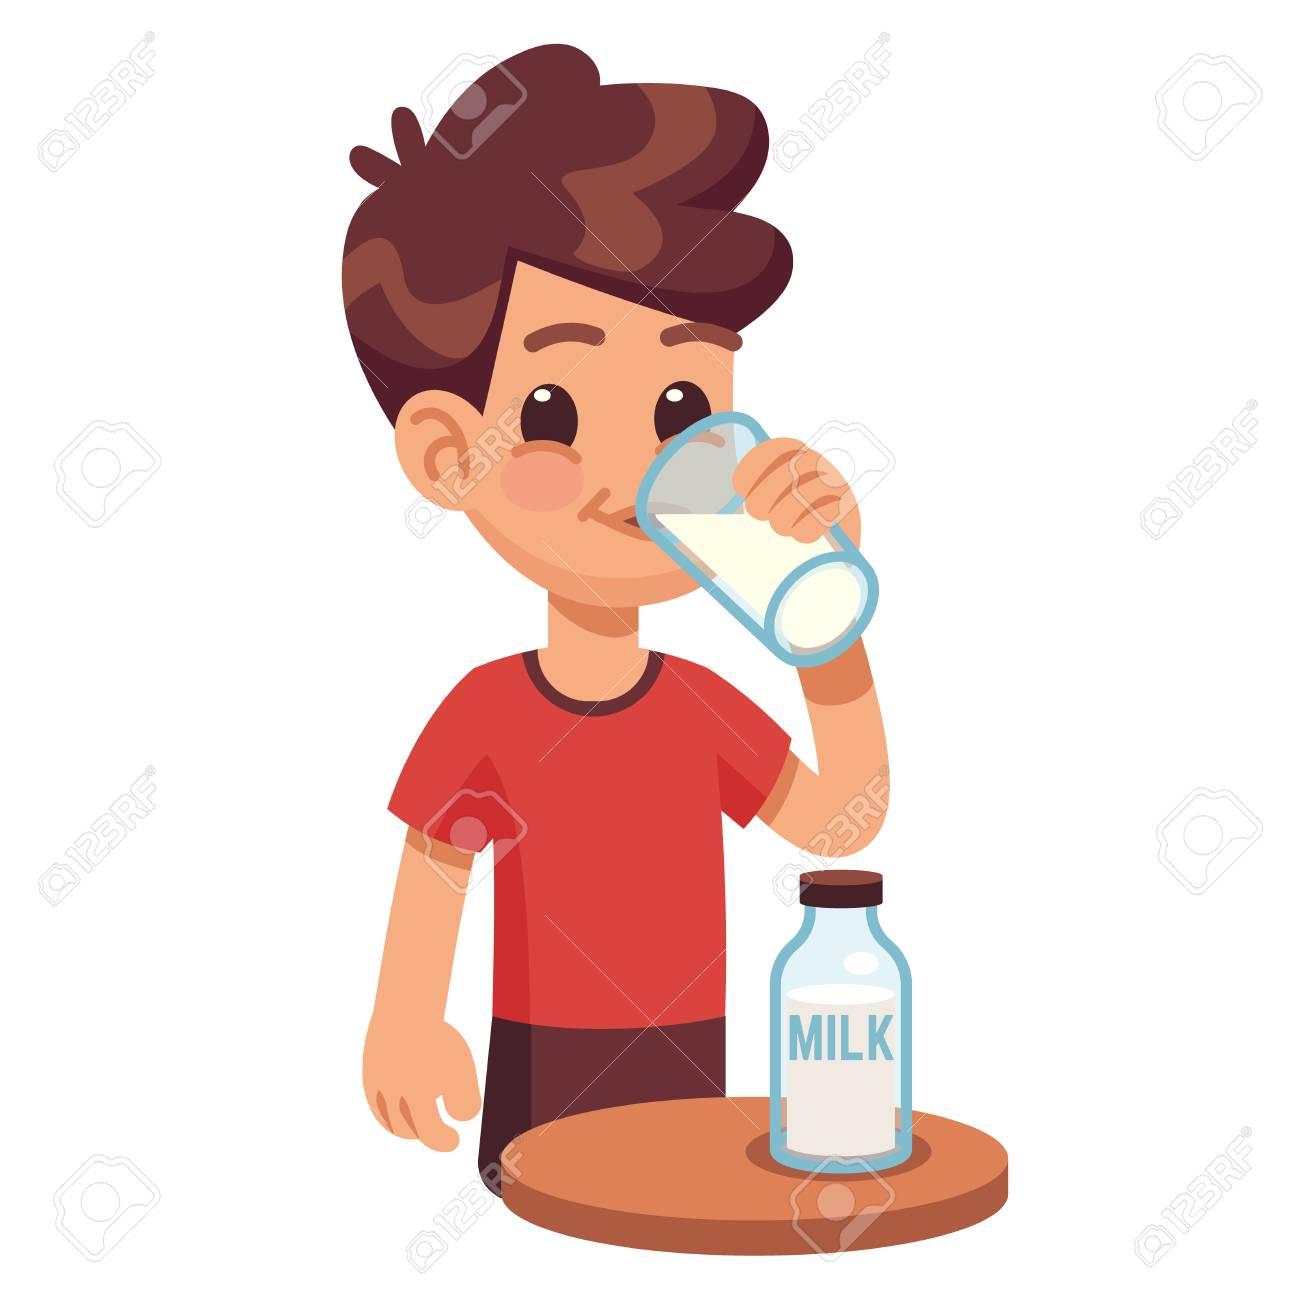 Boy drinks milk. Kid holding and drinking milk in glass. Milk...